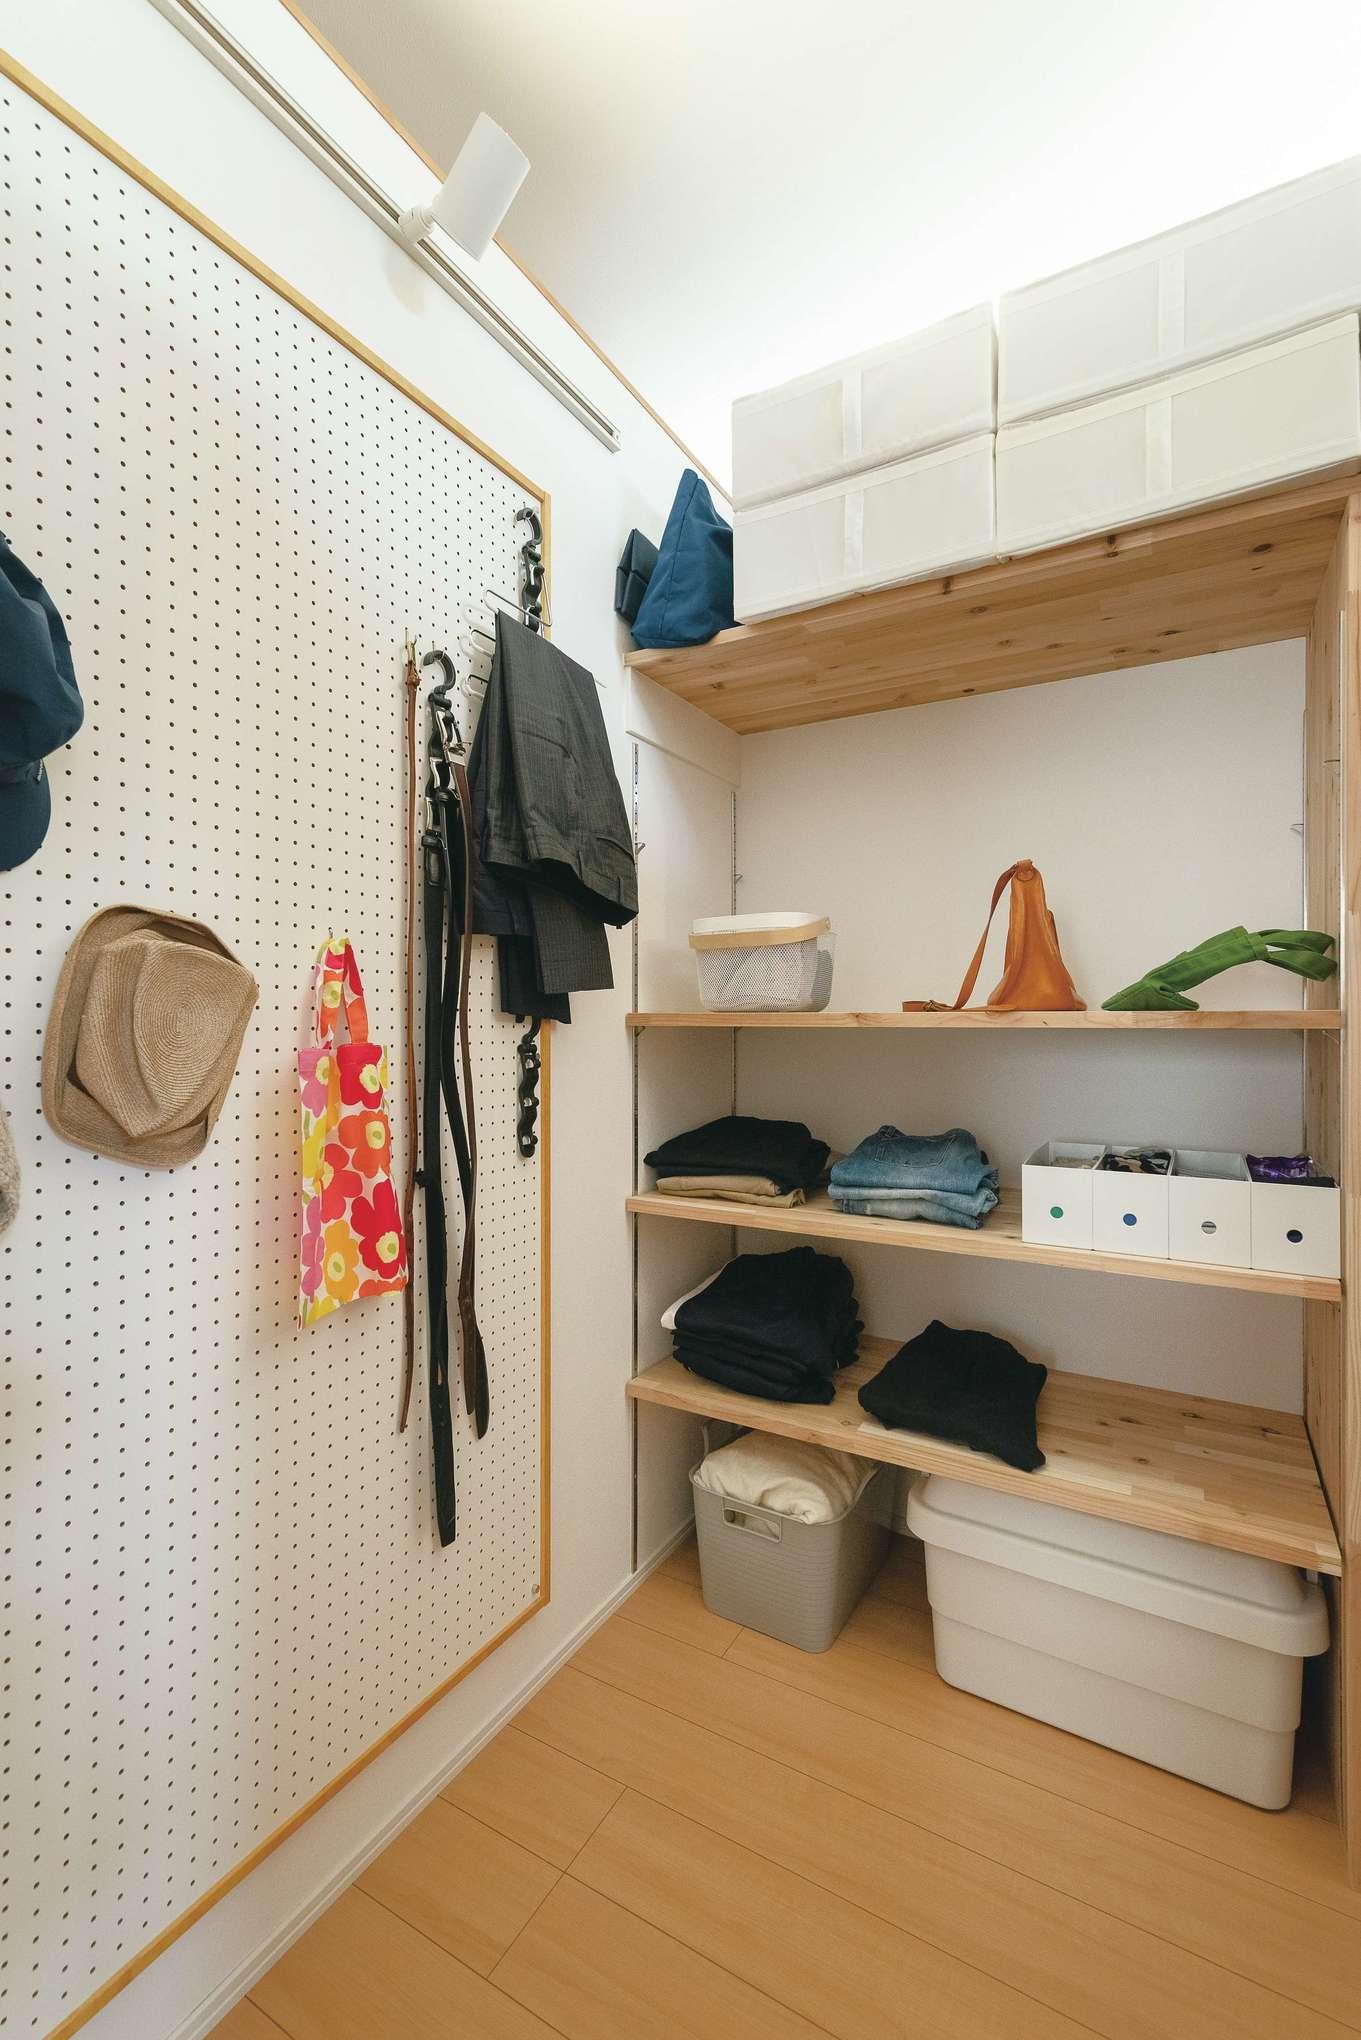 ainoa.life くらはし建築【デザイン住宅、収納力、省エネ】ウォークインクローゼットには有孔ボードを活用して、帽子やベルトなどを収納